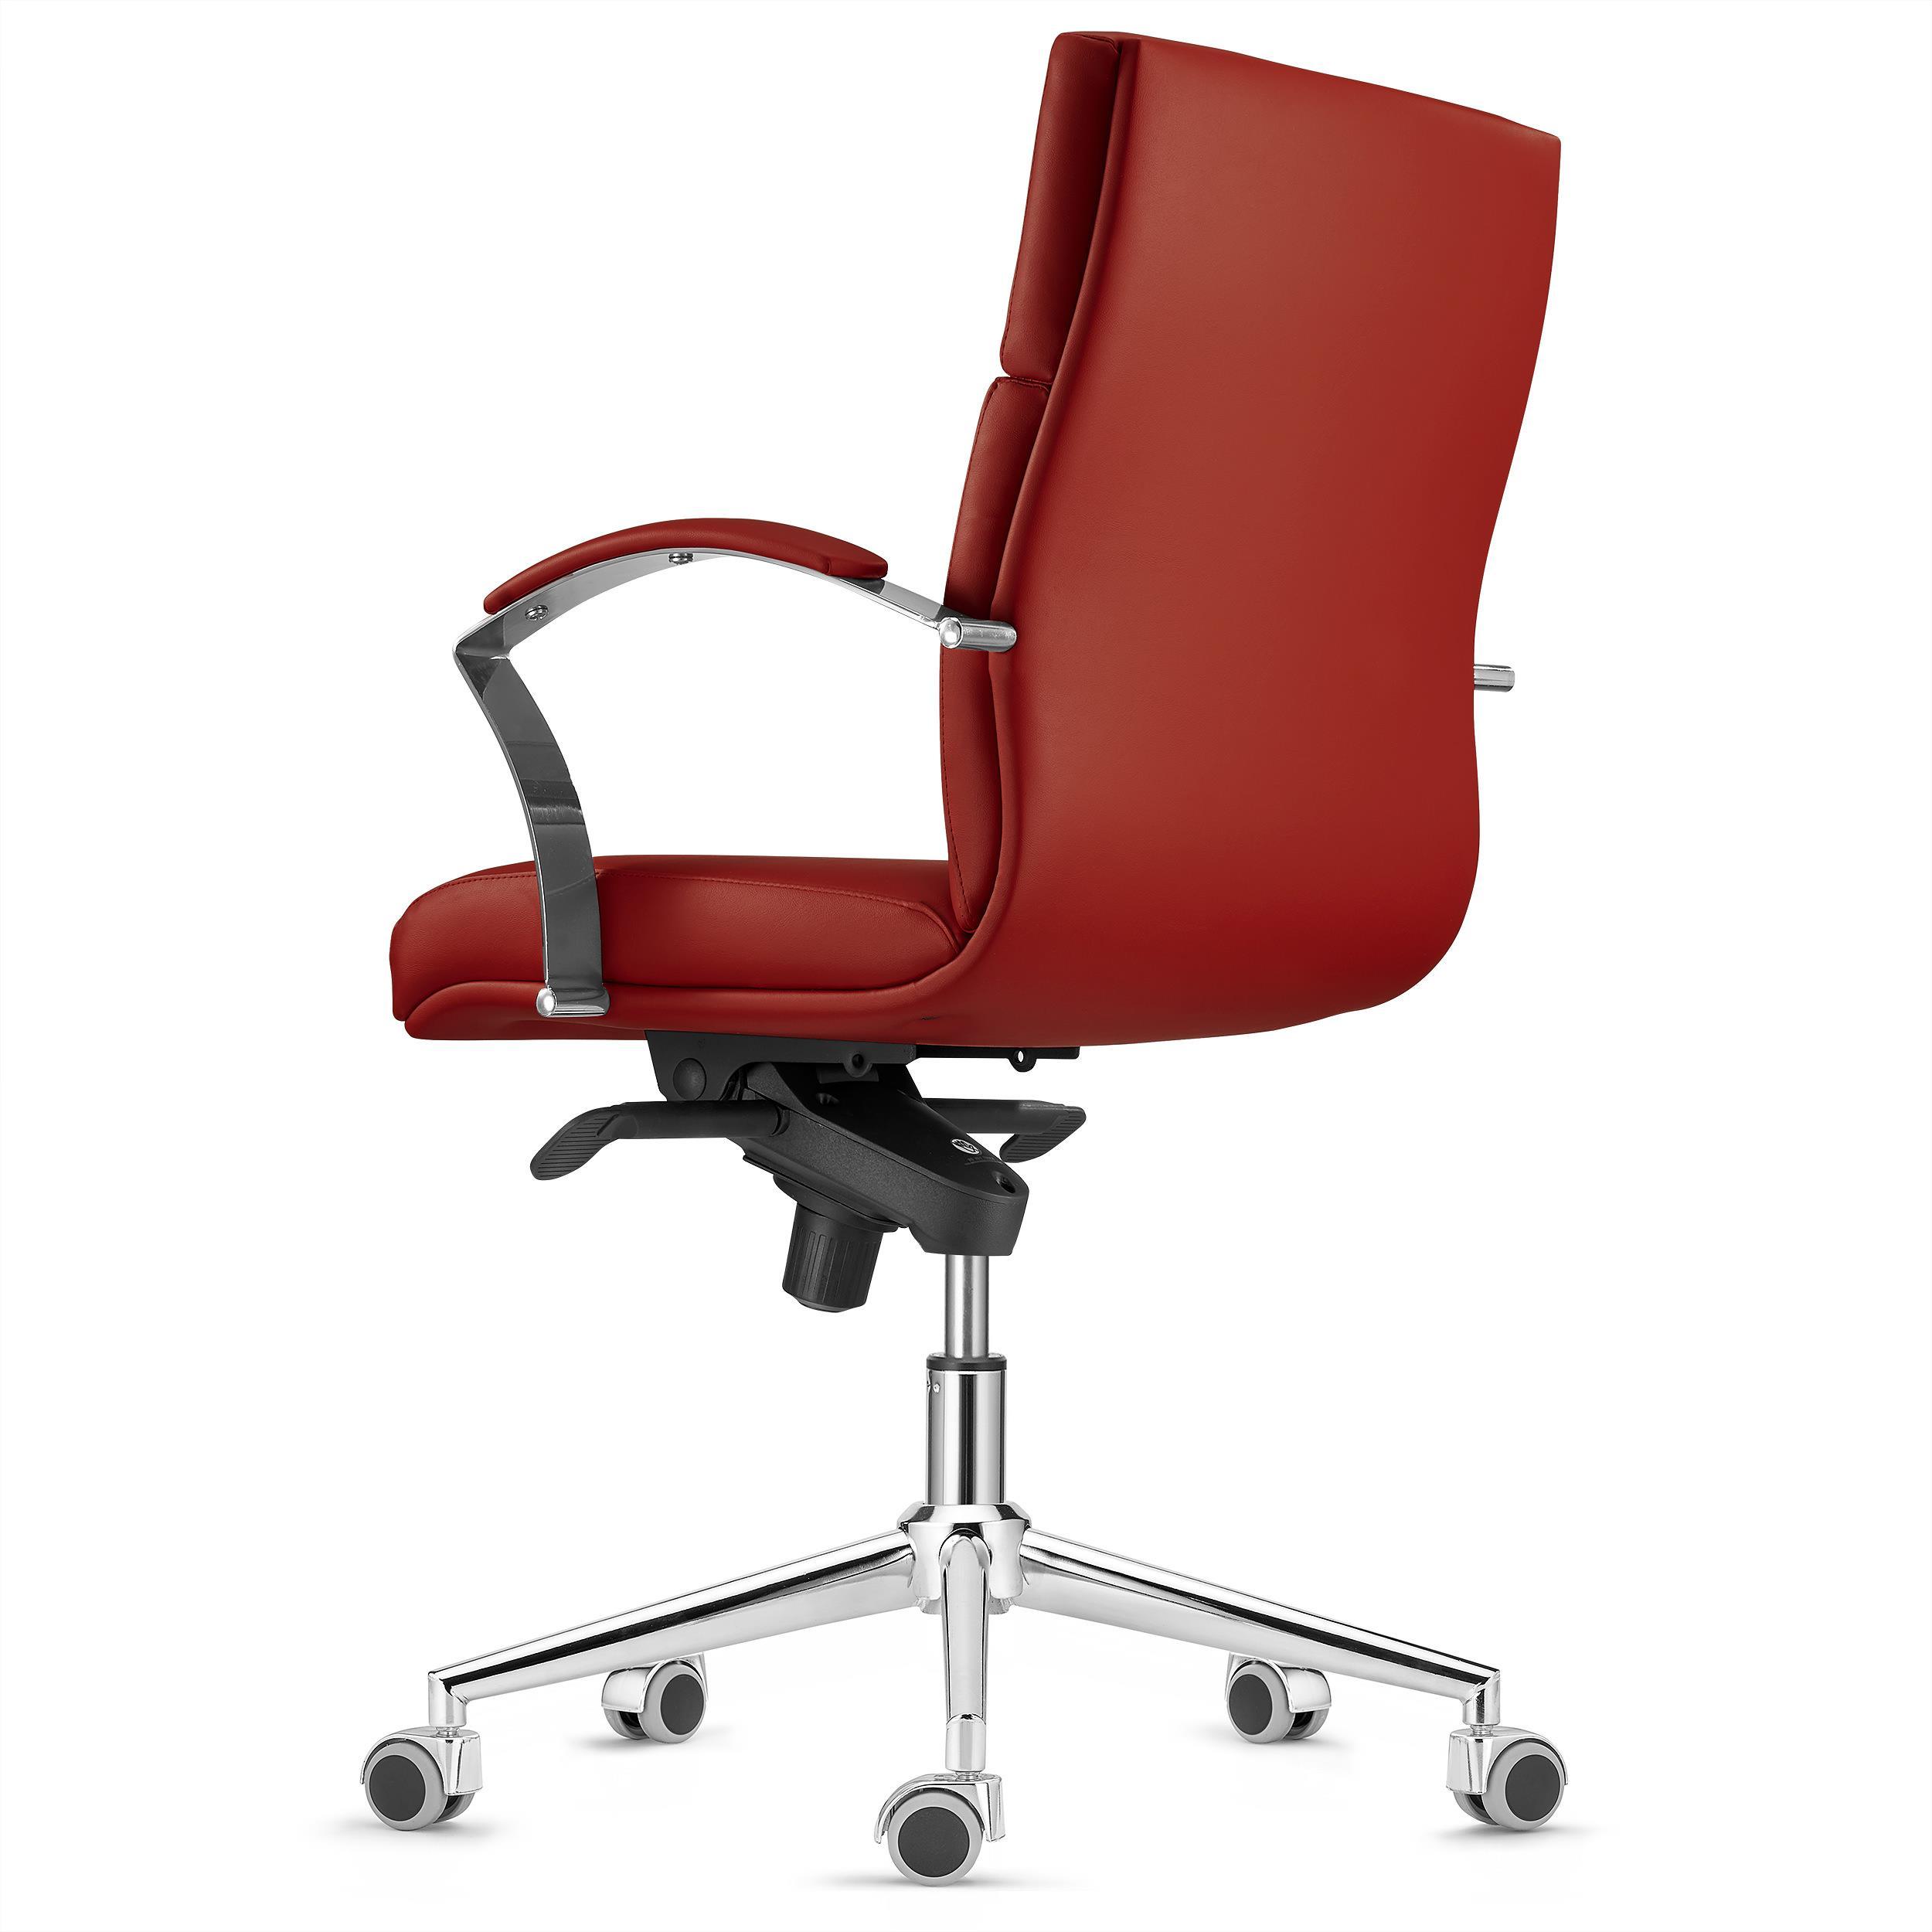 Sedia da ufficio rabat schienale basso qualit e design for Sedia design marrone